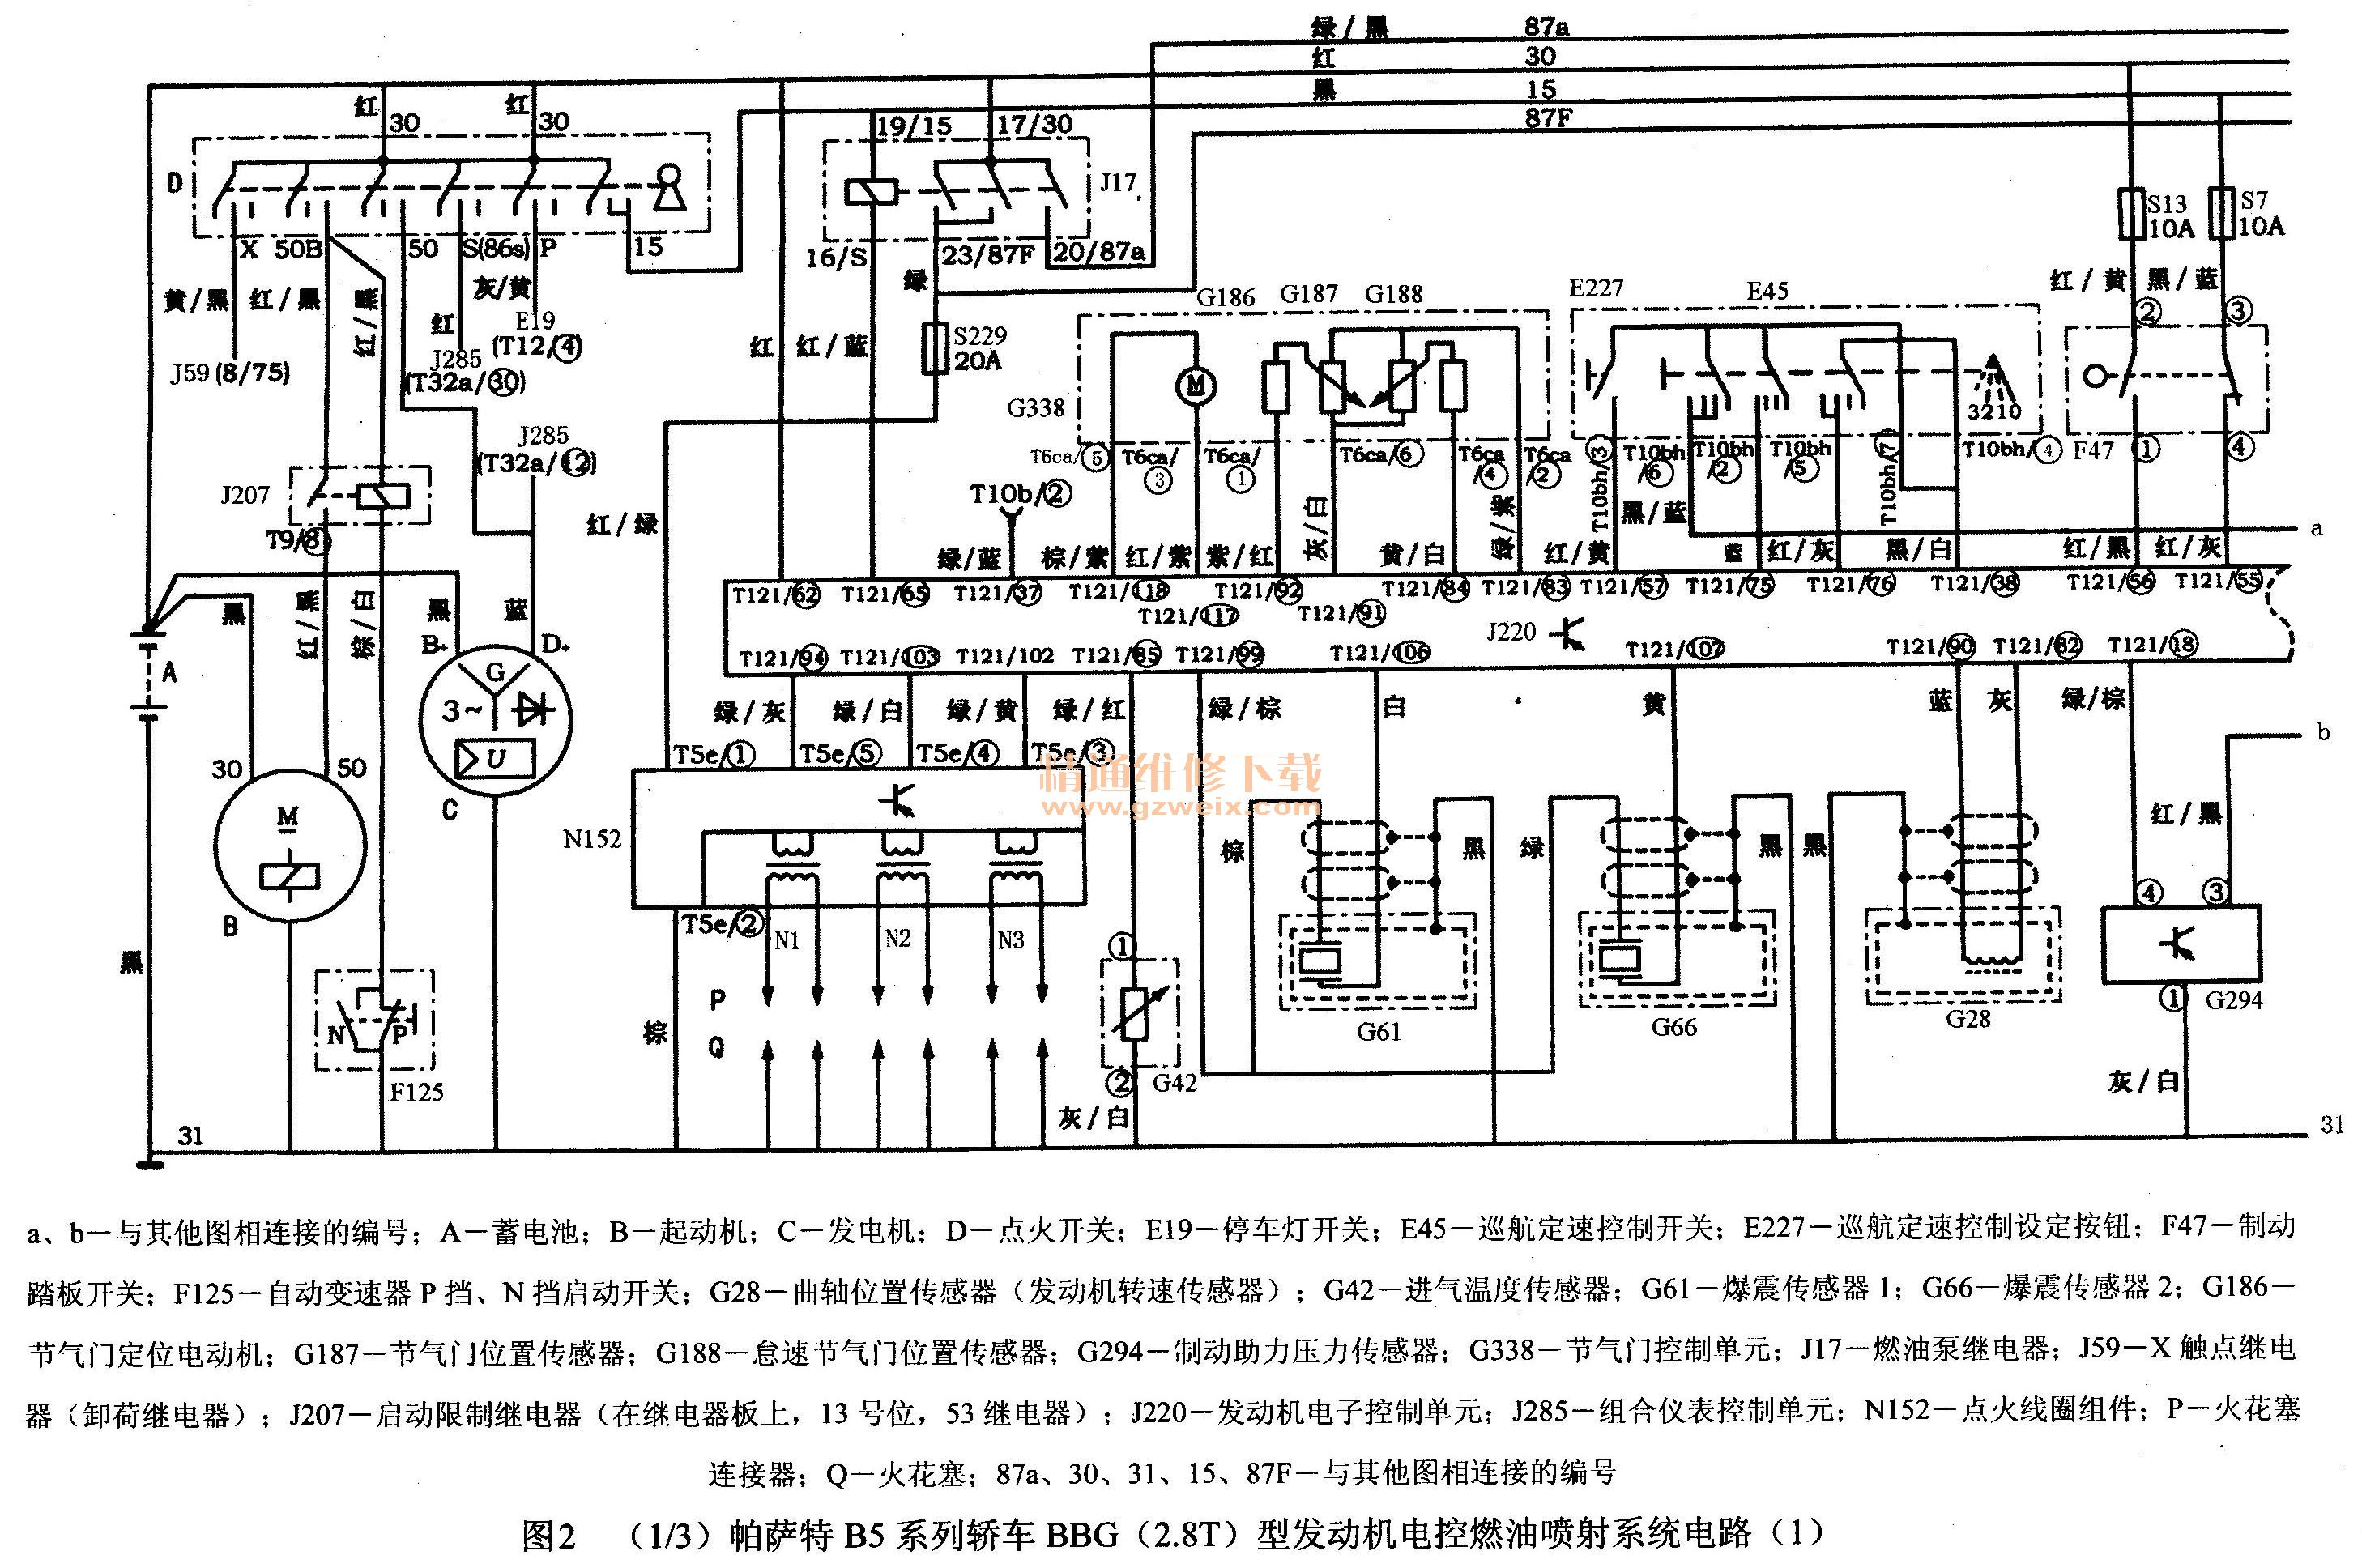 帕萨特发动机电控燃油喷射系统原理及故障维修高清图片